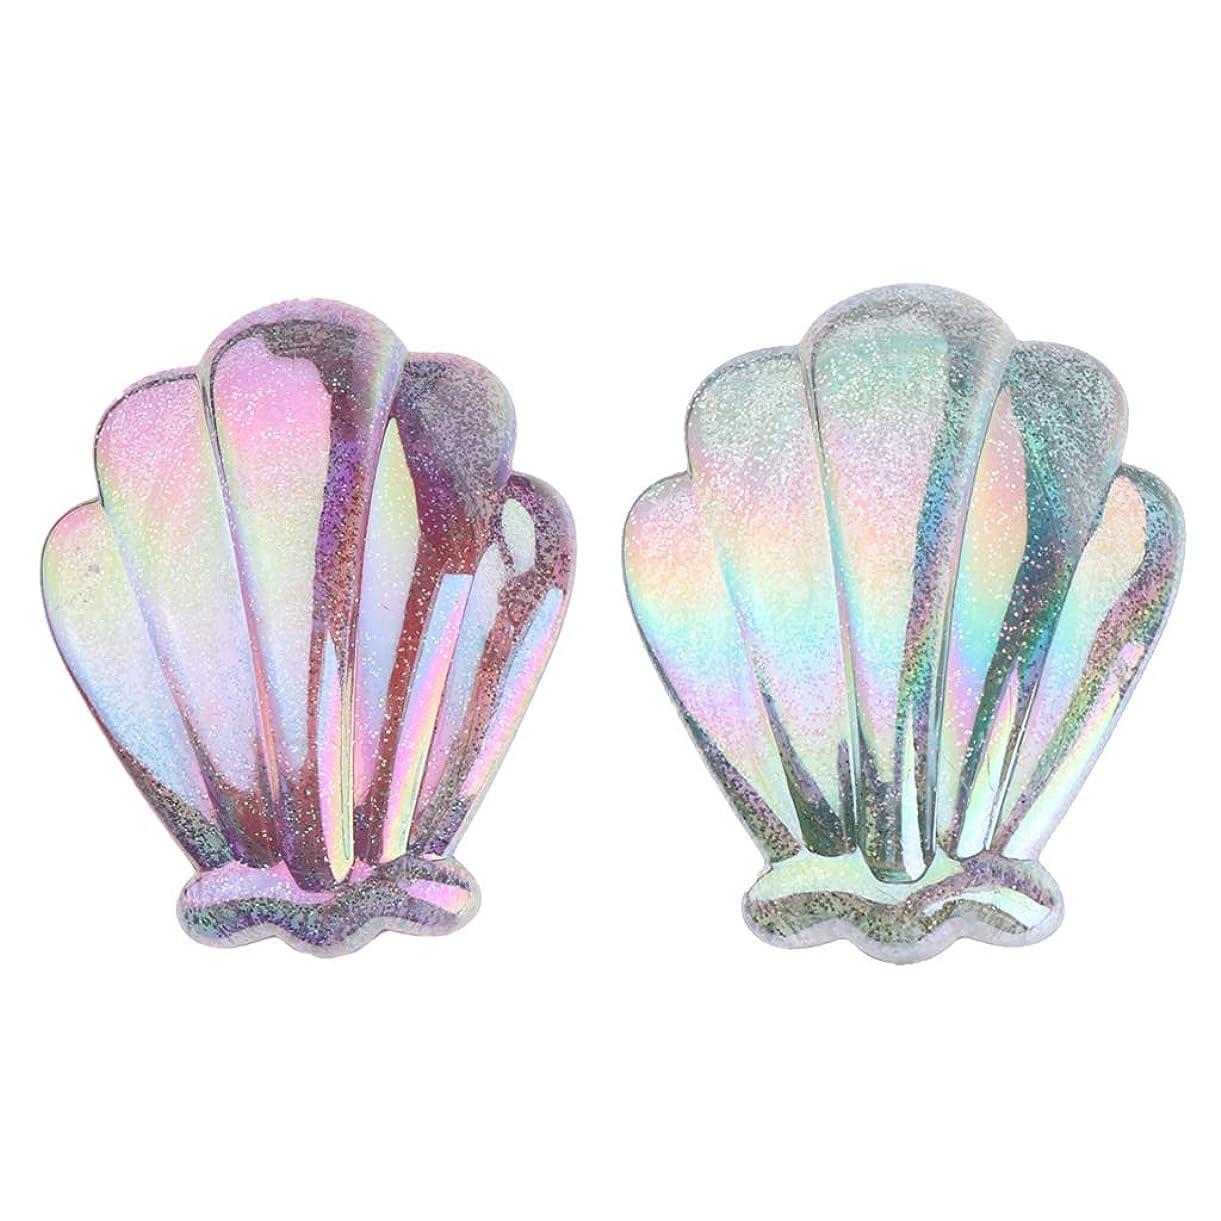 独立したオーストラリア人変換するB Blesiya ヘアコーム プラスチック製 櫛 女性用 ヘアブラシ コーム 櫛